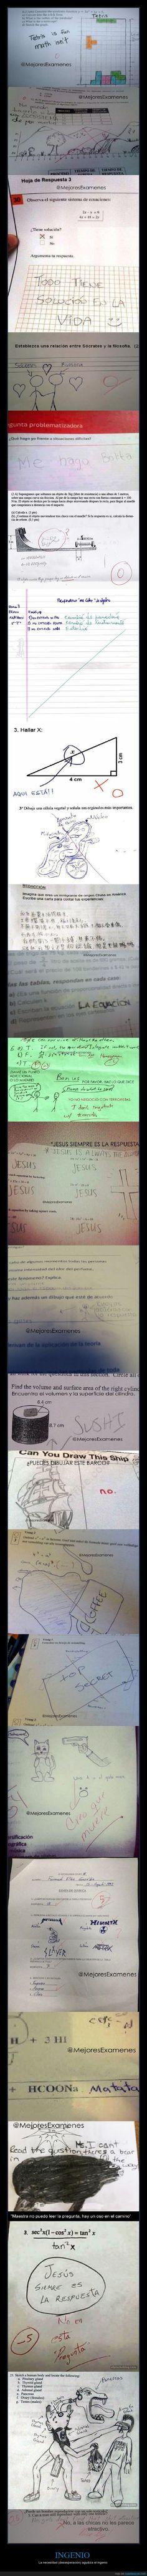 Las respuestas más ingeniosas de niños en exámenes - La necesidad (desesperación) agudiza el ingenio